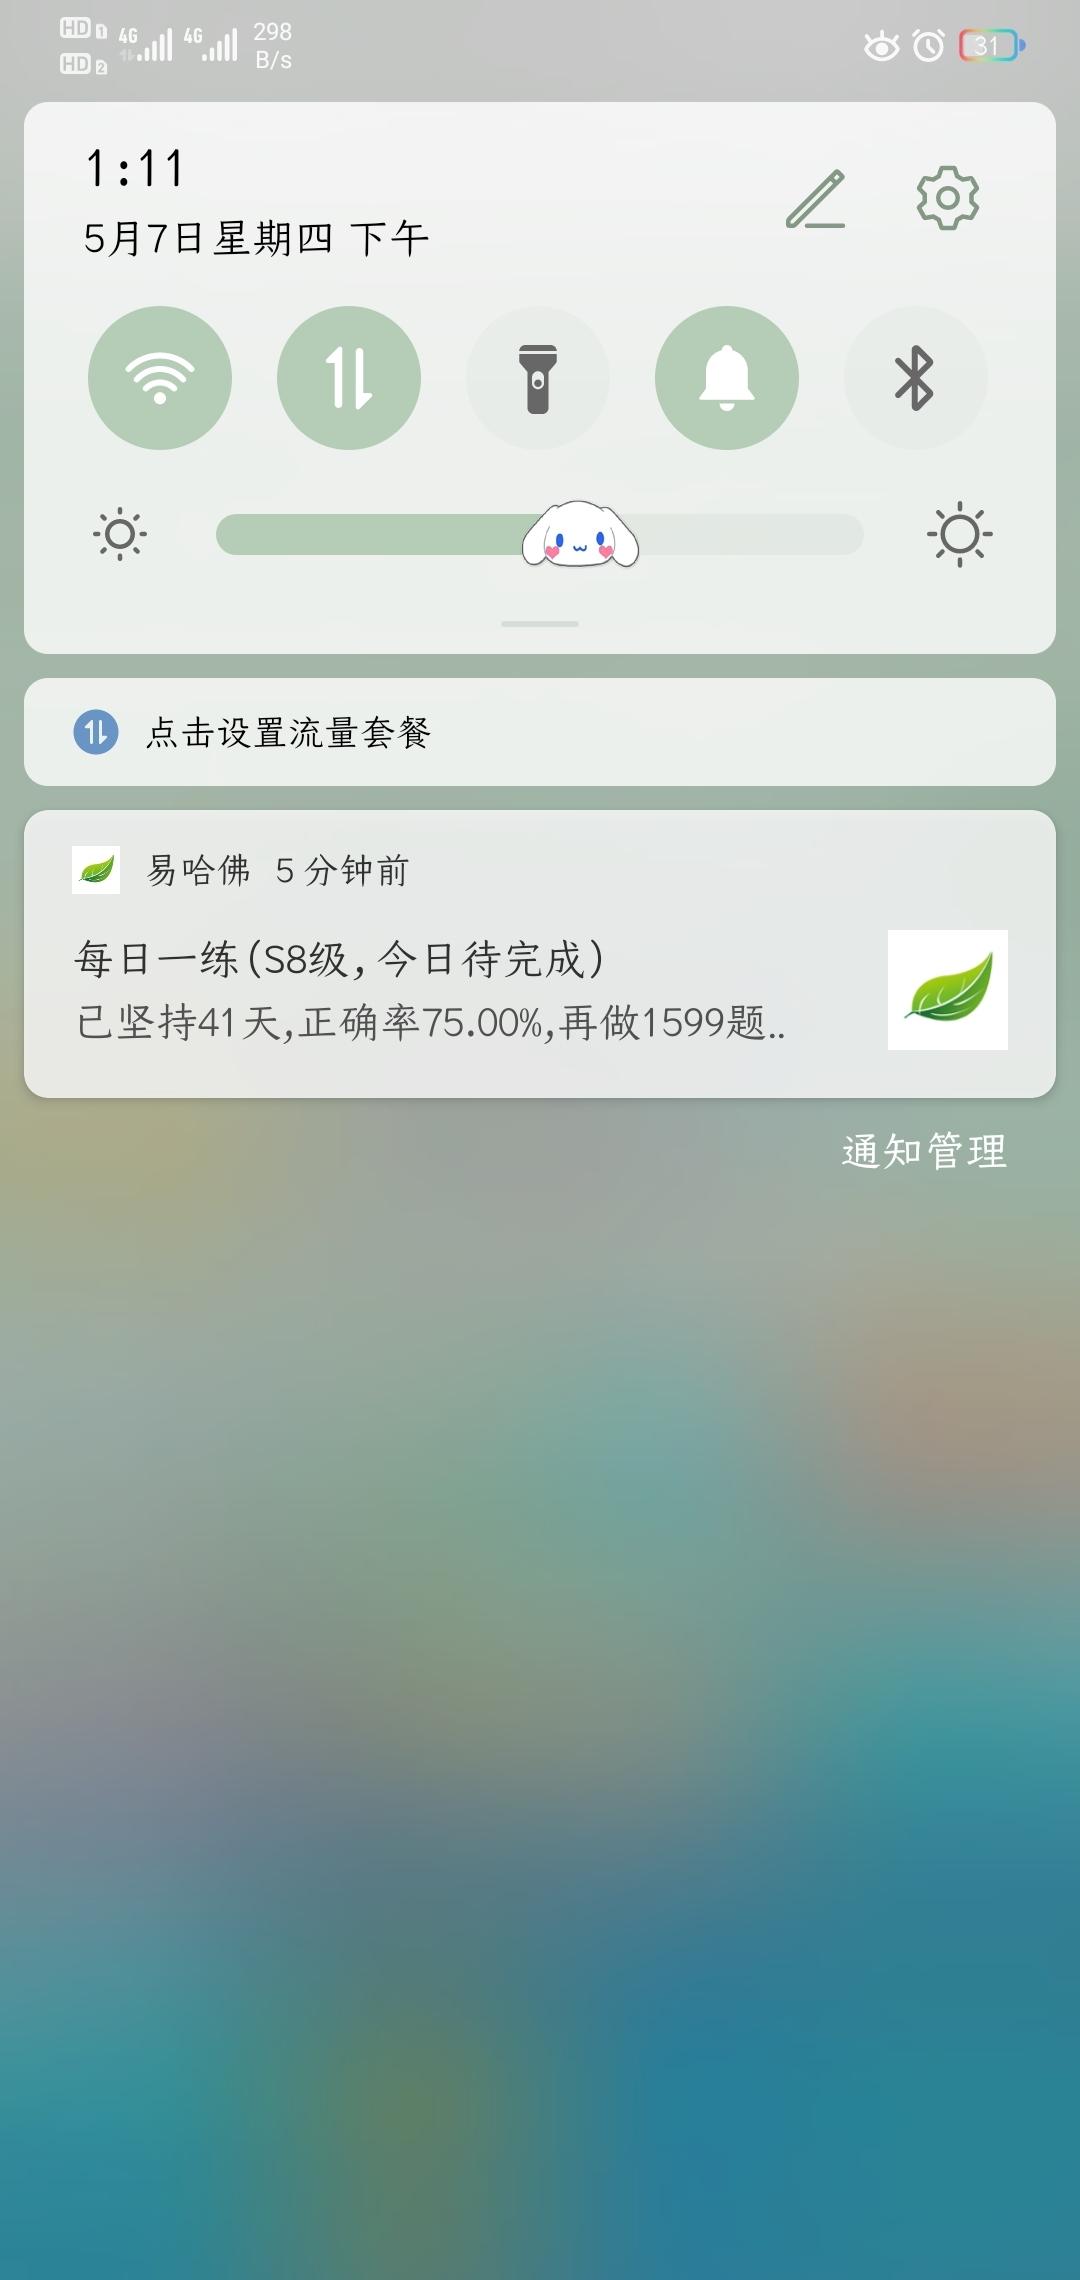 Screenshot_20200507_131103_com.huawei.android.launcher.jpg